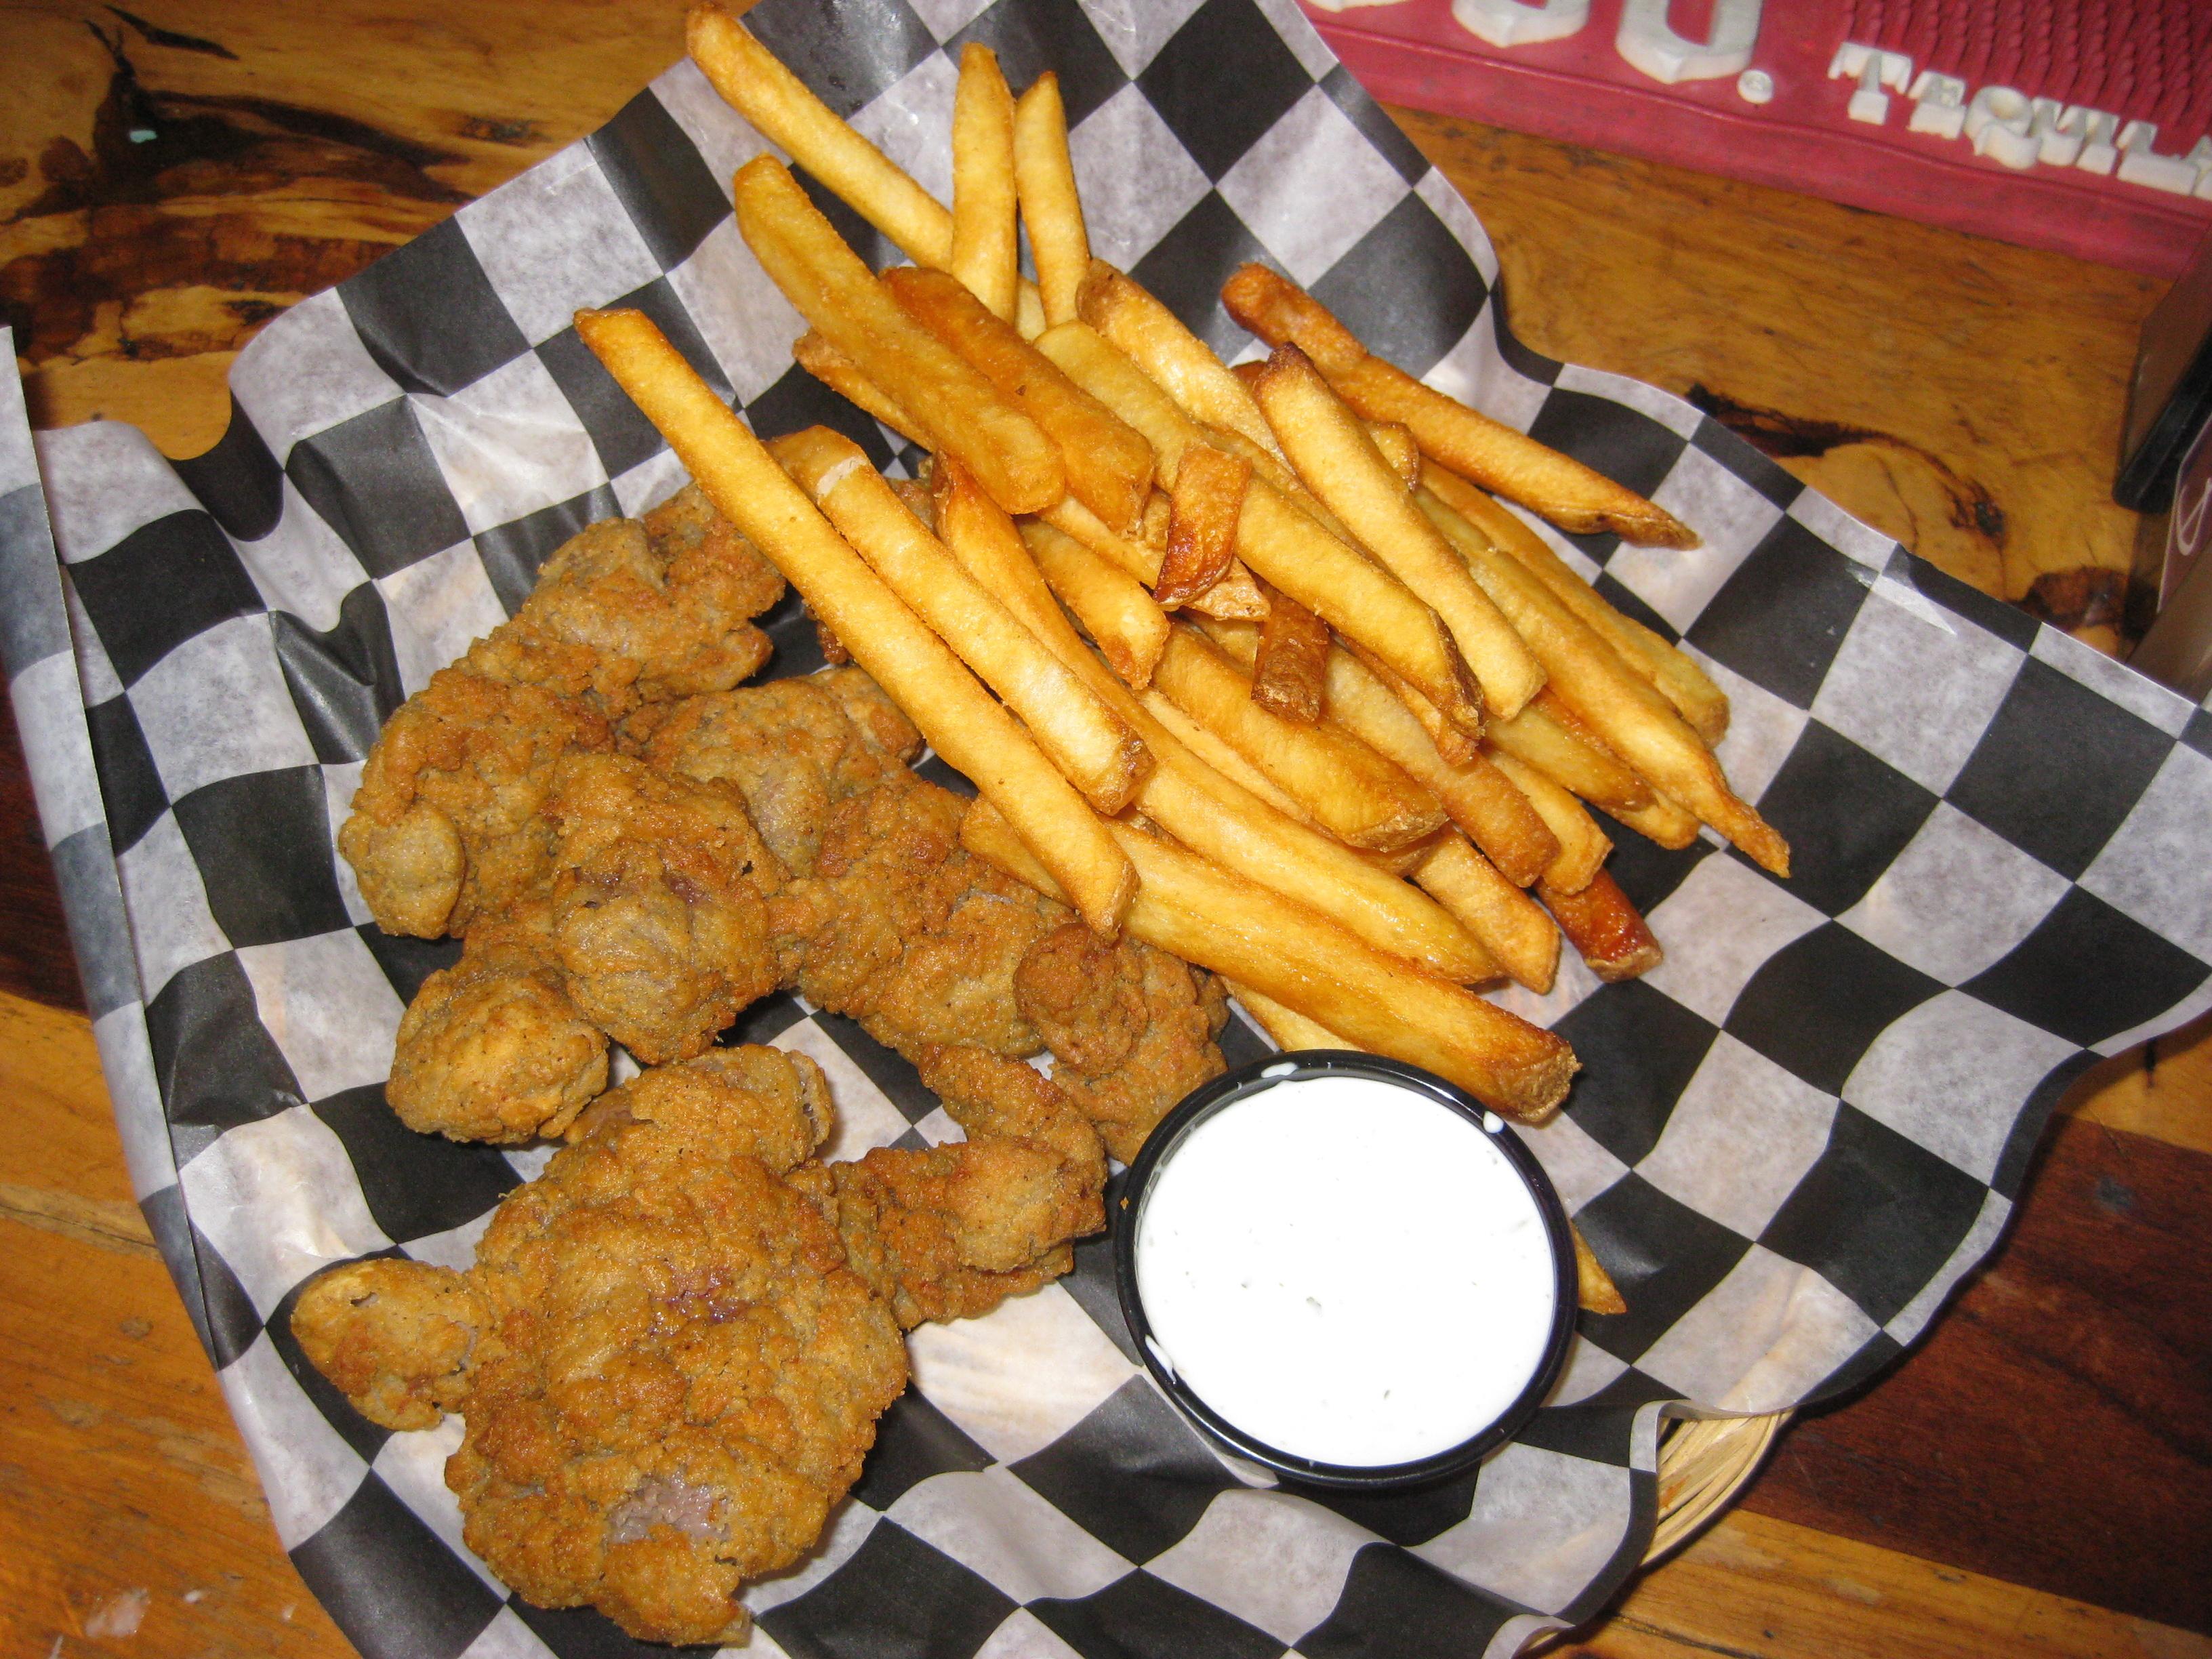 Fried chicken gizzard dinner